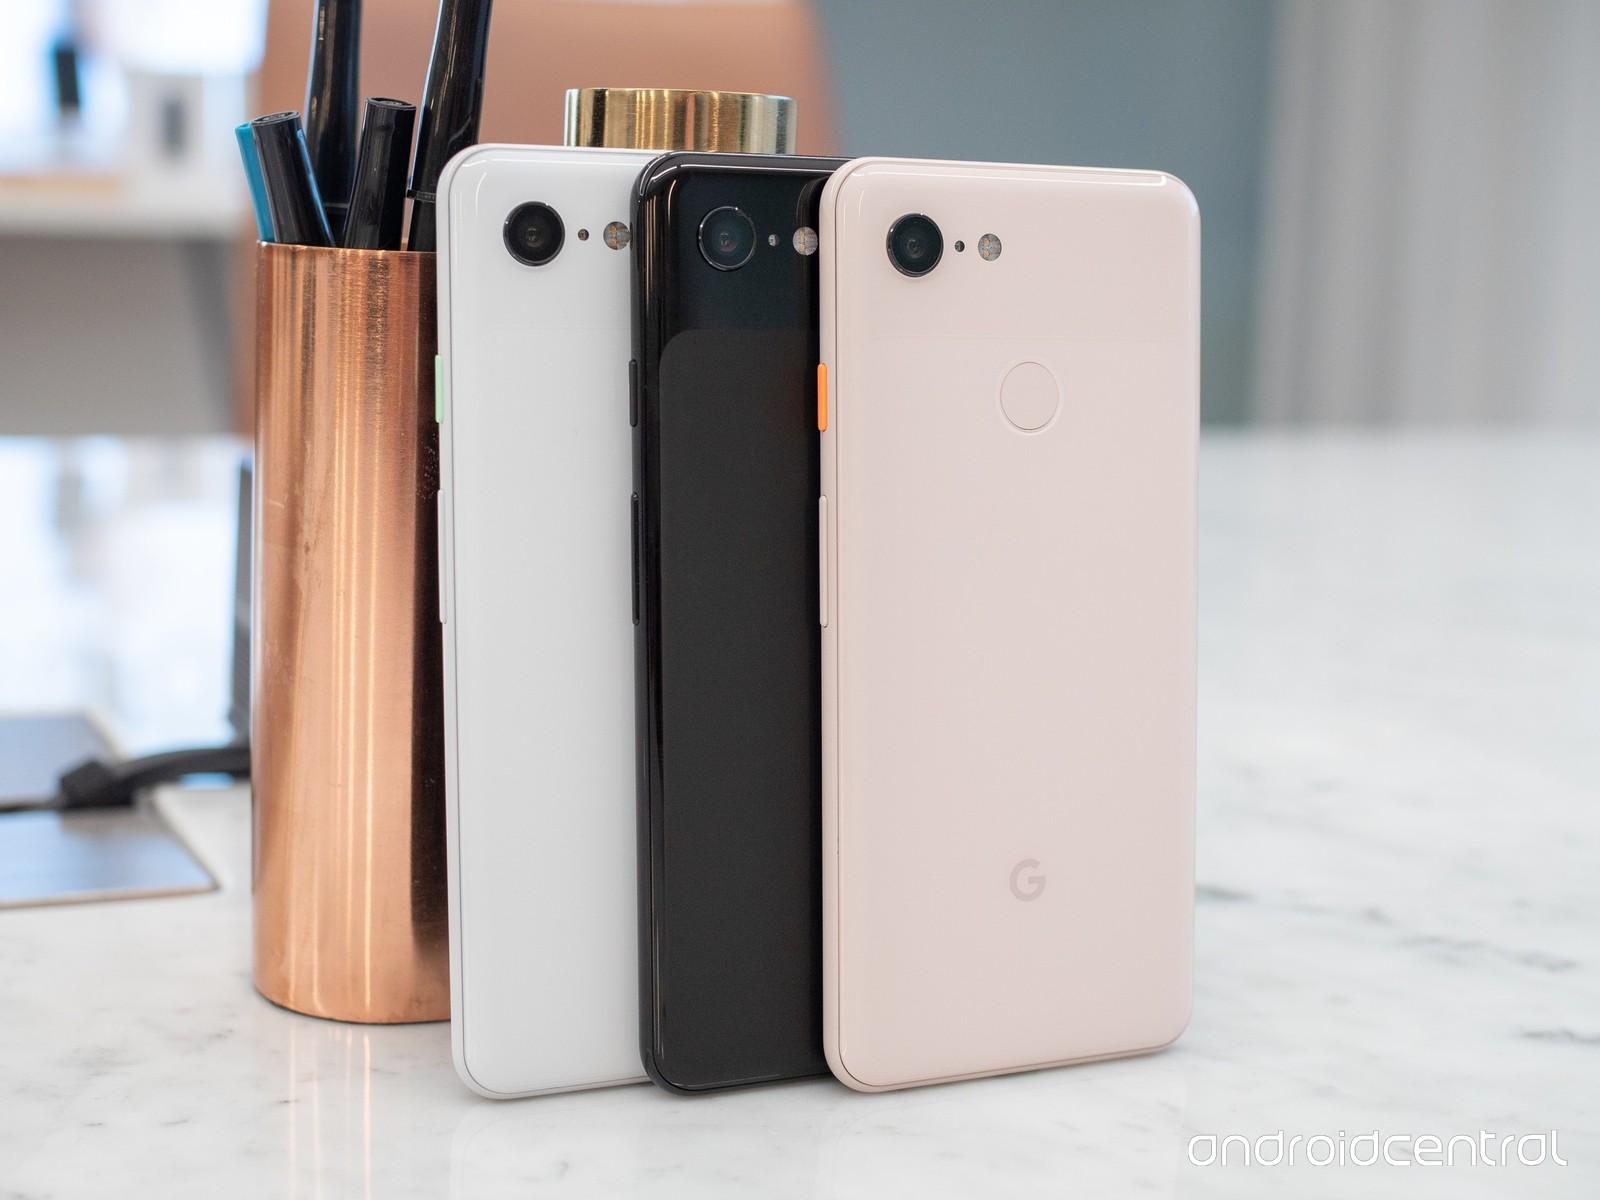 Google, Pixel 3'teki RAM yönetimi sorunları hakkında bildirimde bulundu!